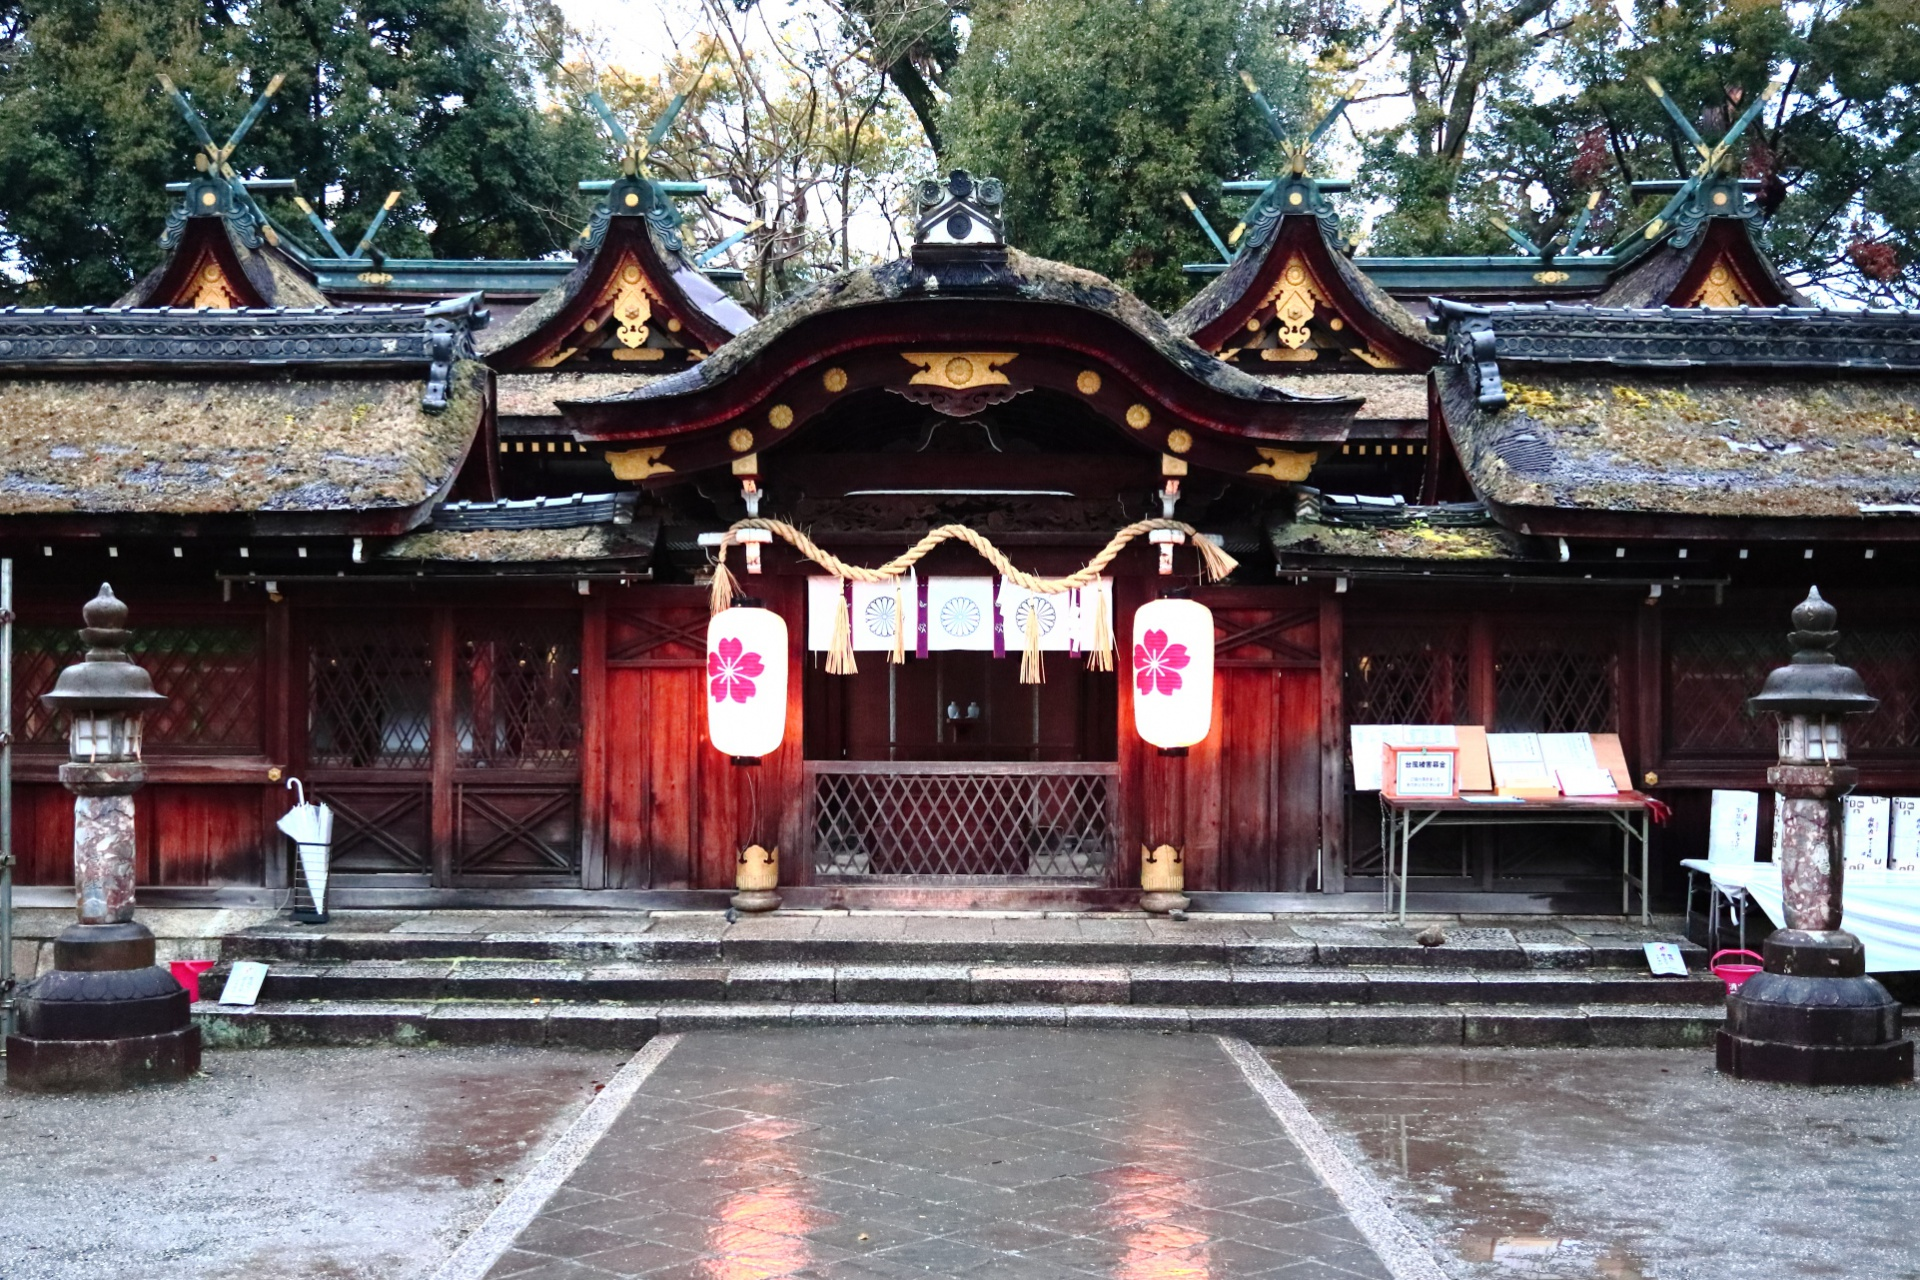 京都・北区 平野神社(ひらのじんじゃ)中門 奥に本殿(国の重要文化財)